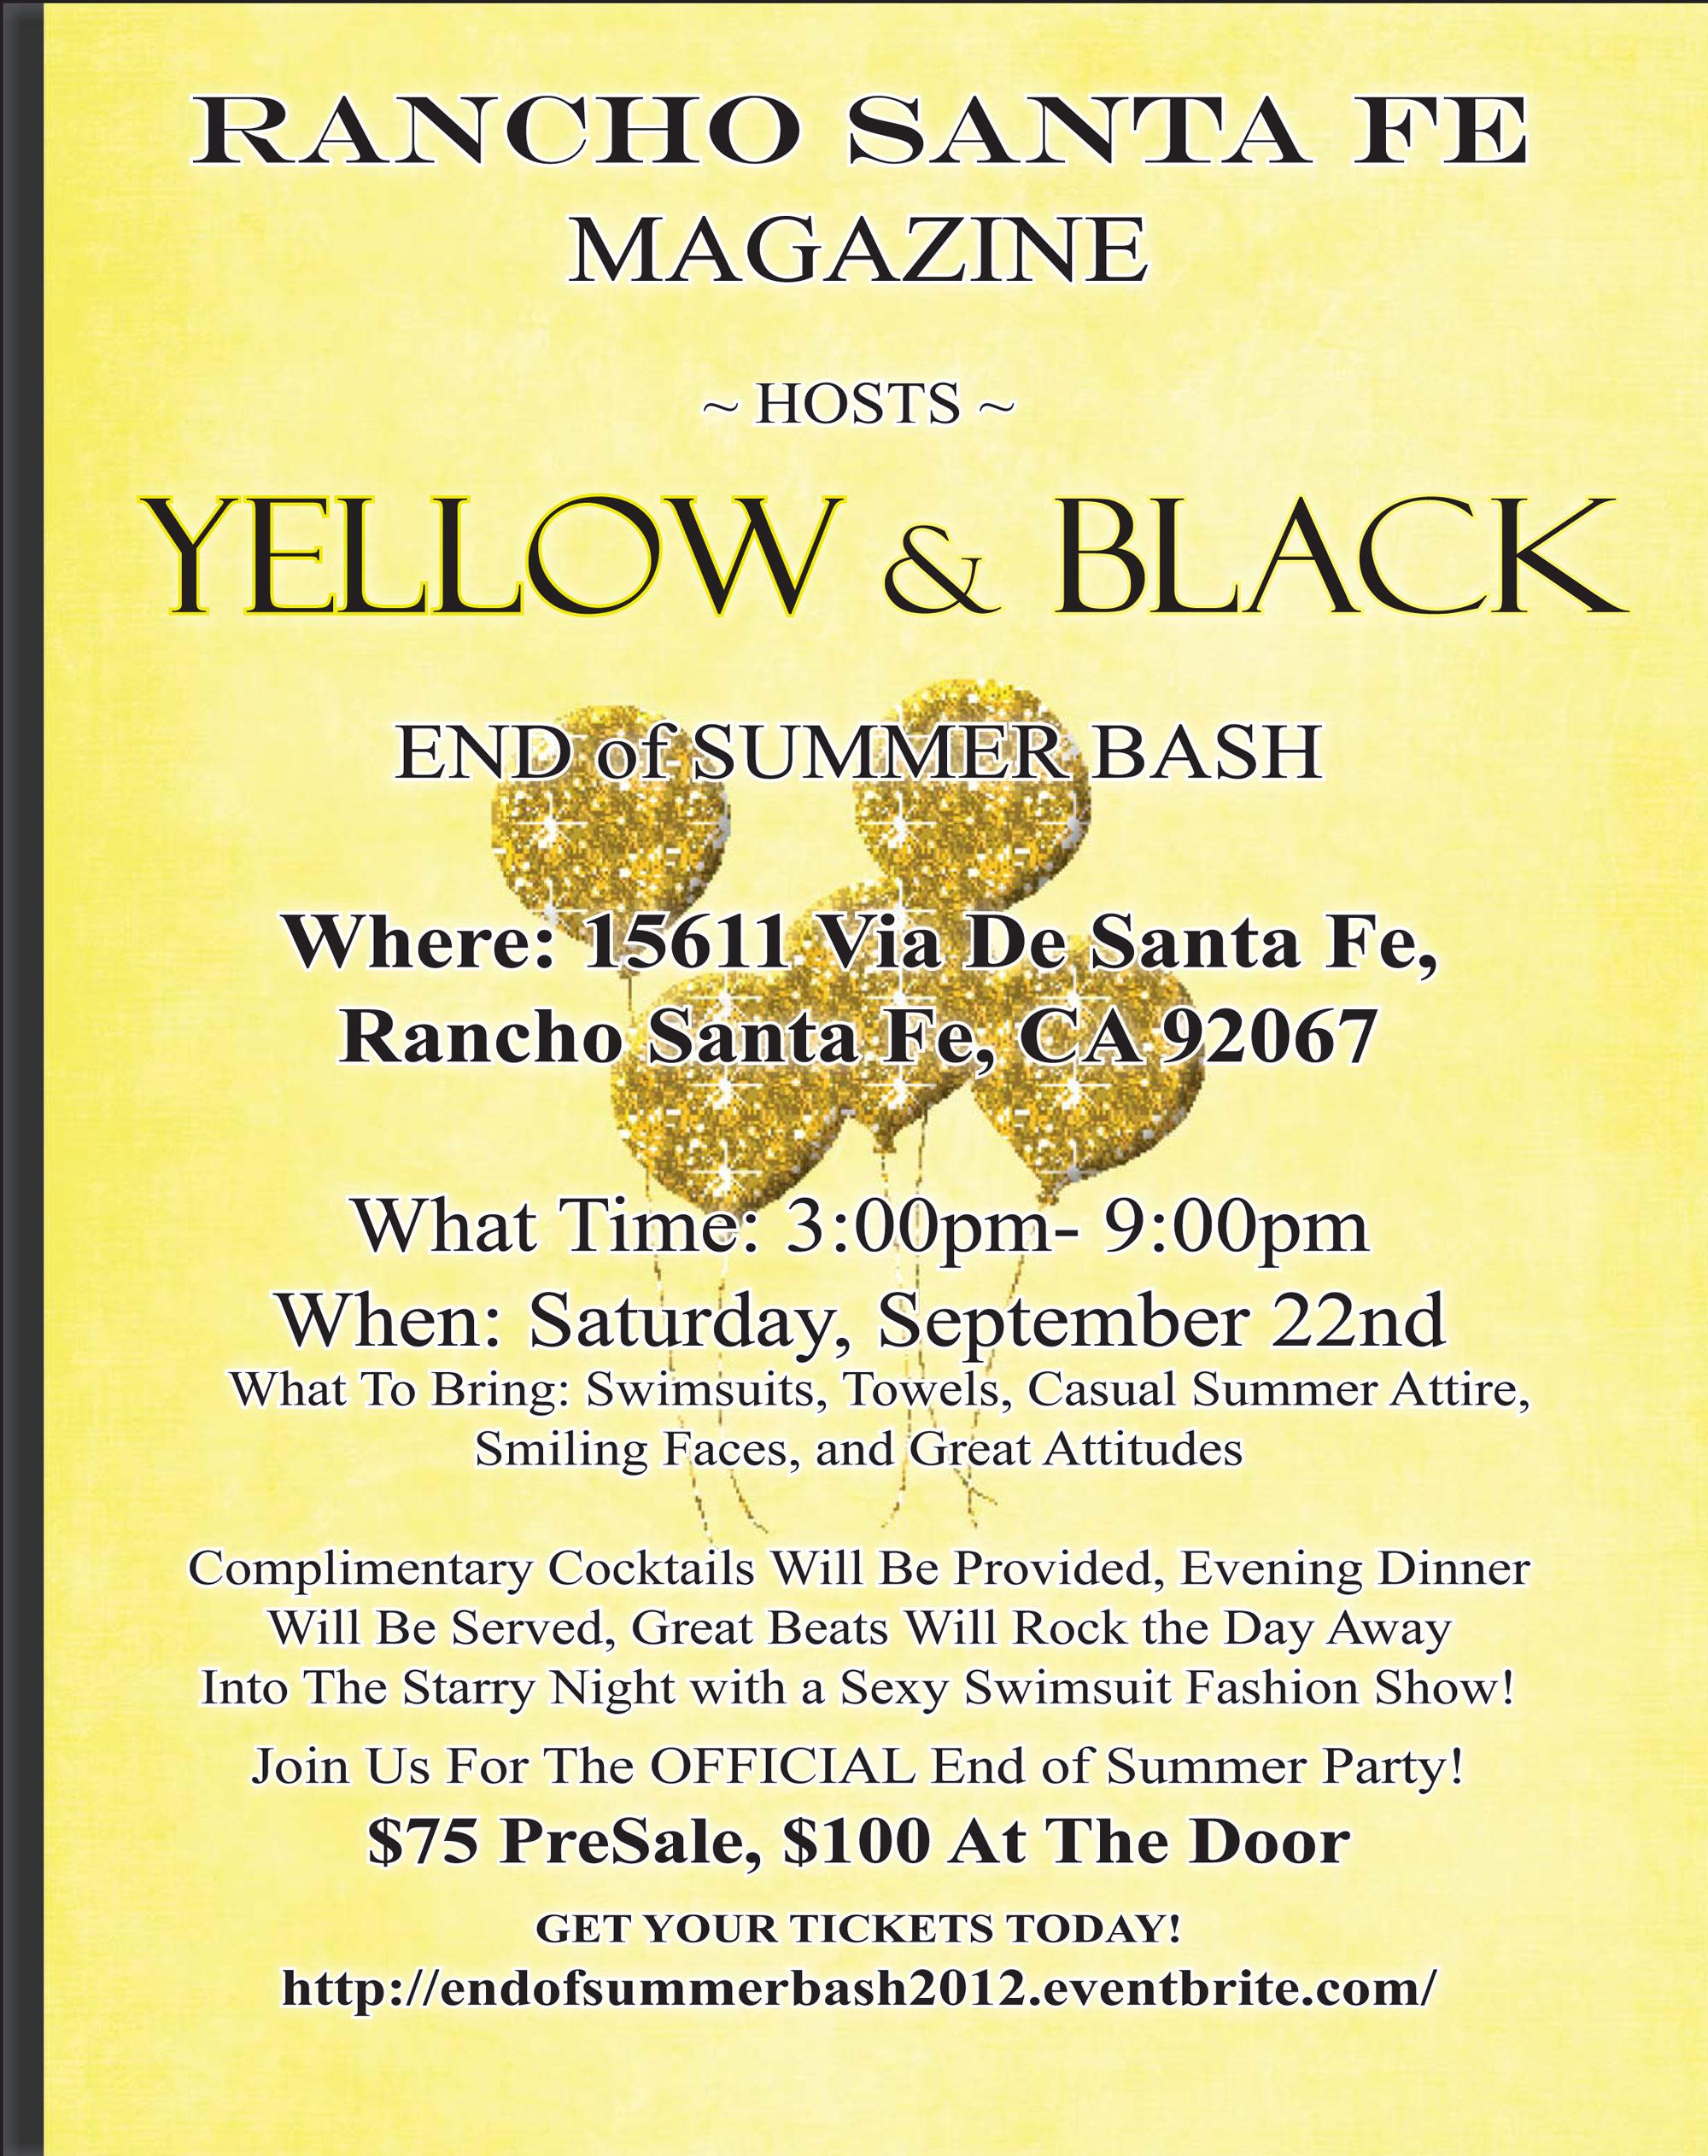 Yellow and Black End of Summer Bash - Rancho Santa Fe Magazine